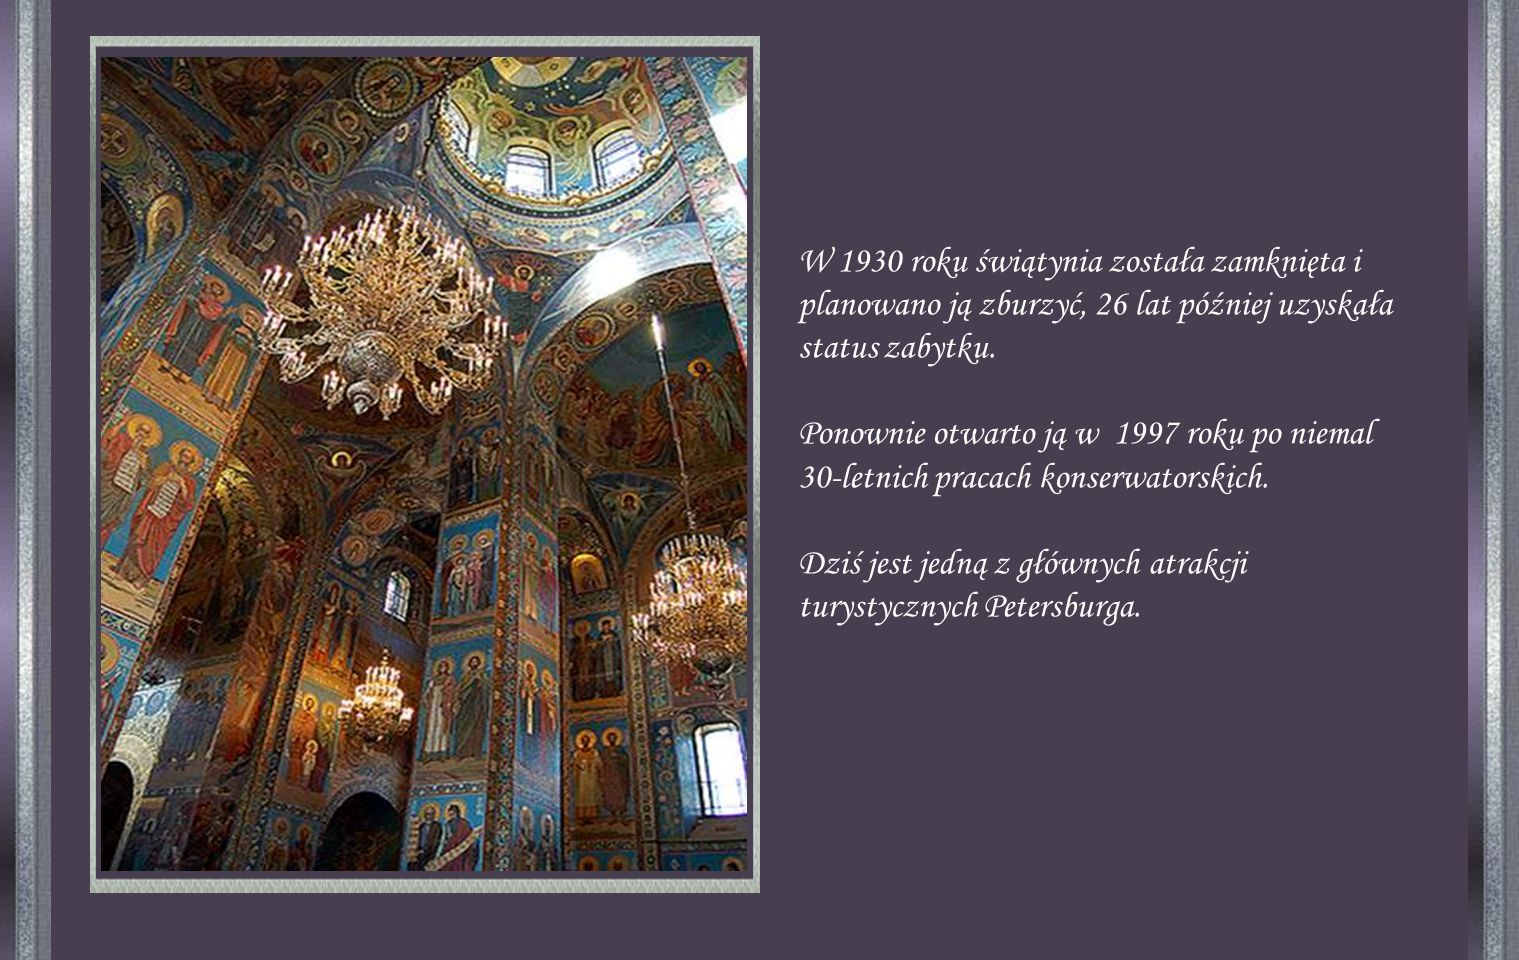 Oryginalne zdjęcie 2 lipca 1931 zapadła decyzja o zniszczeniu cerkwi i wybudowaniu na jej miejscu Pałacu Rad.